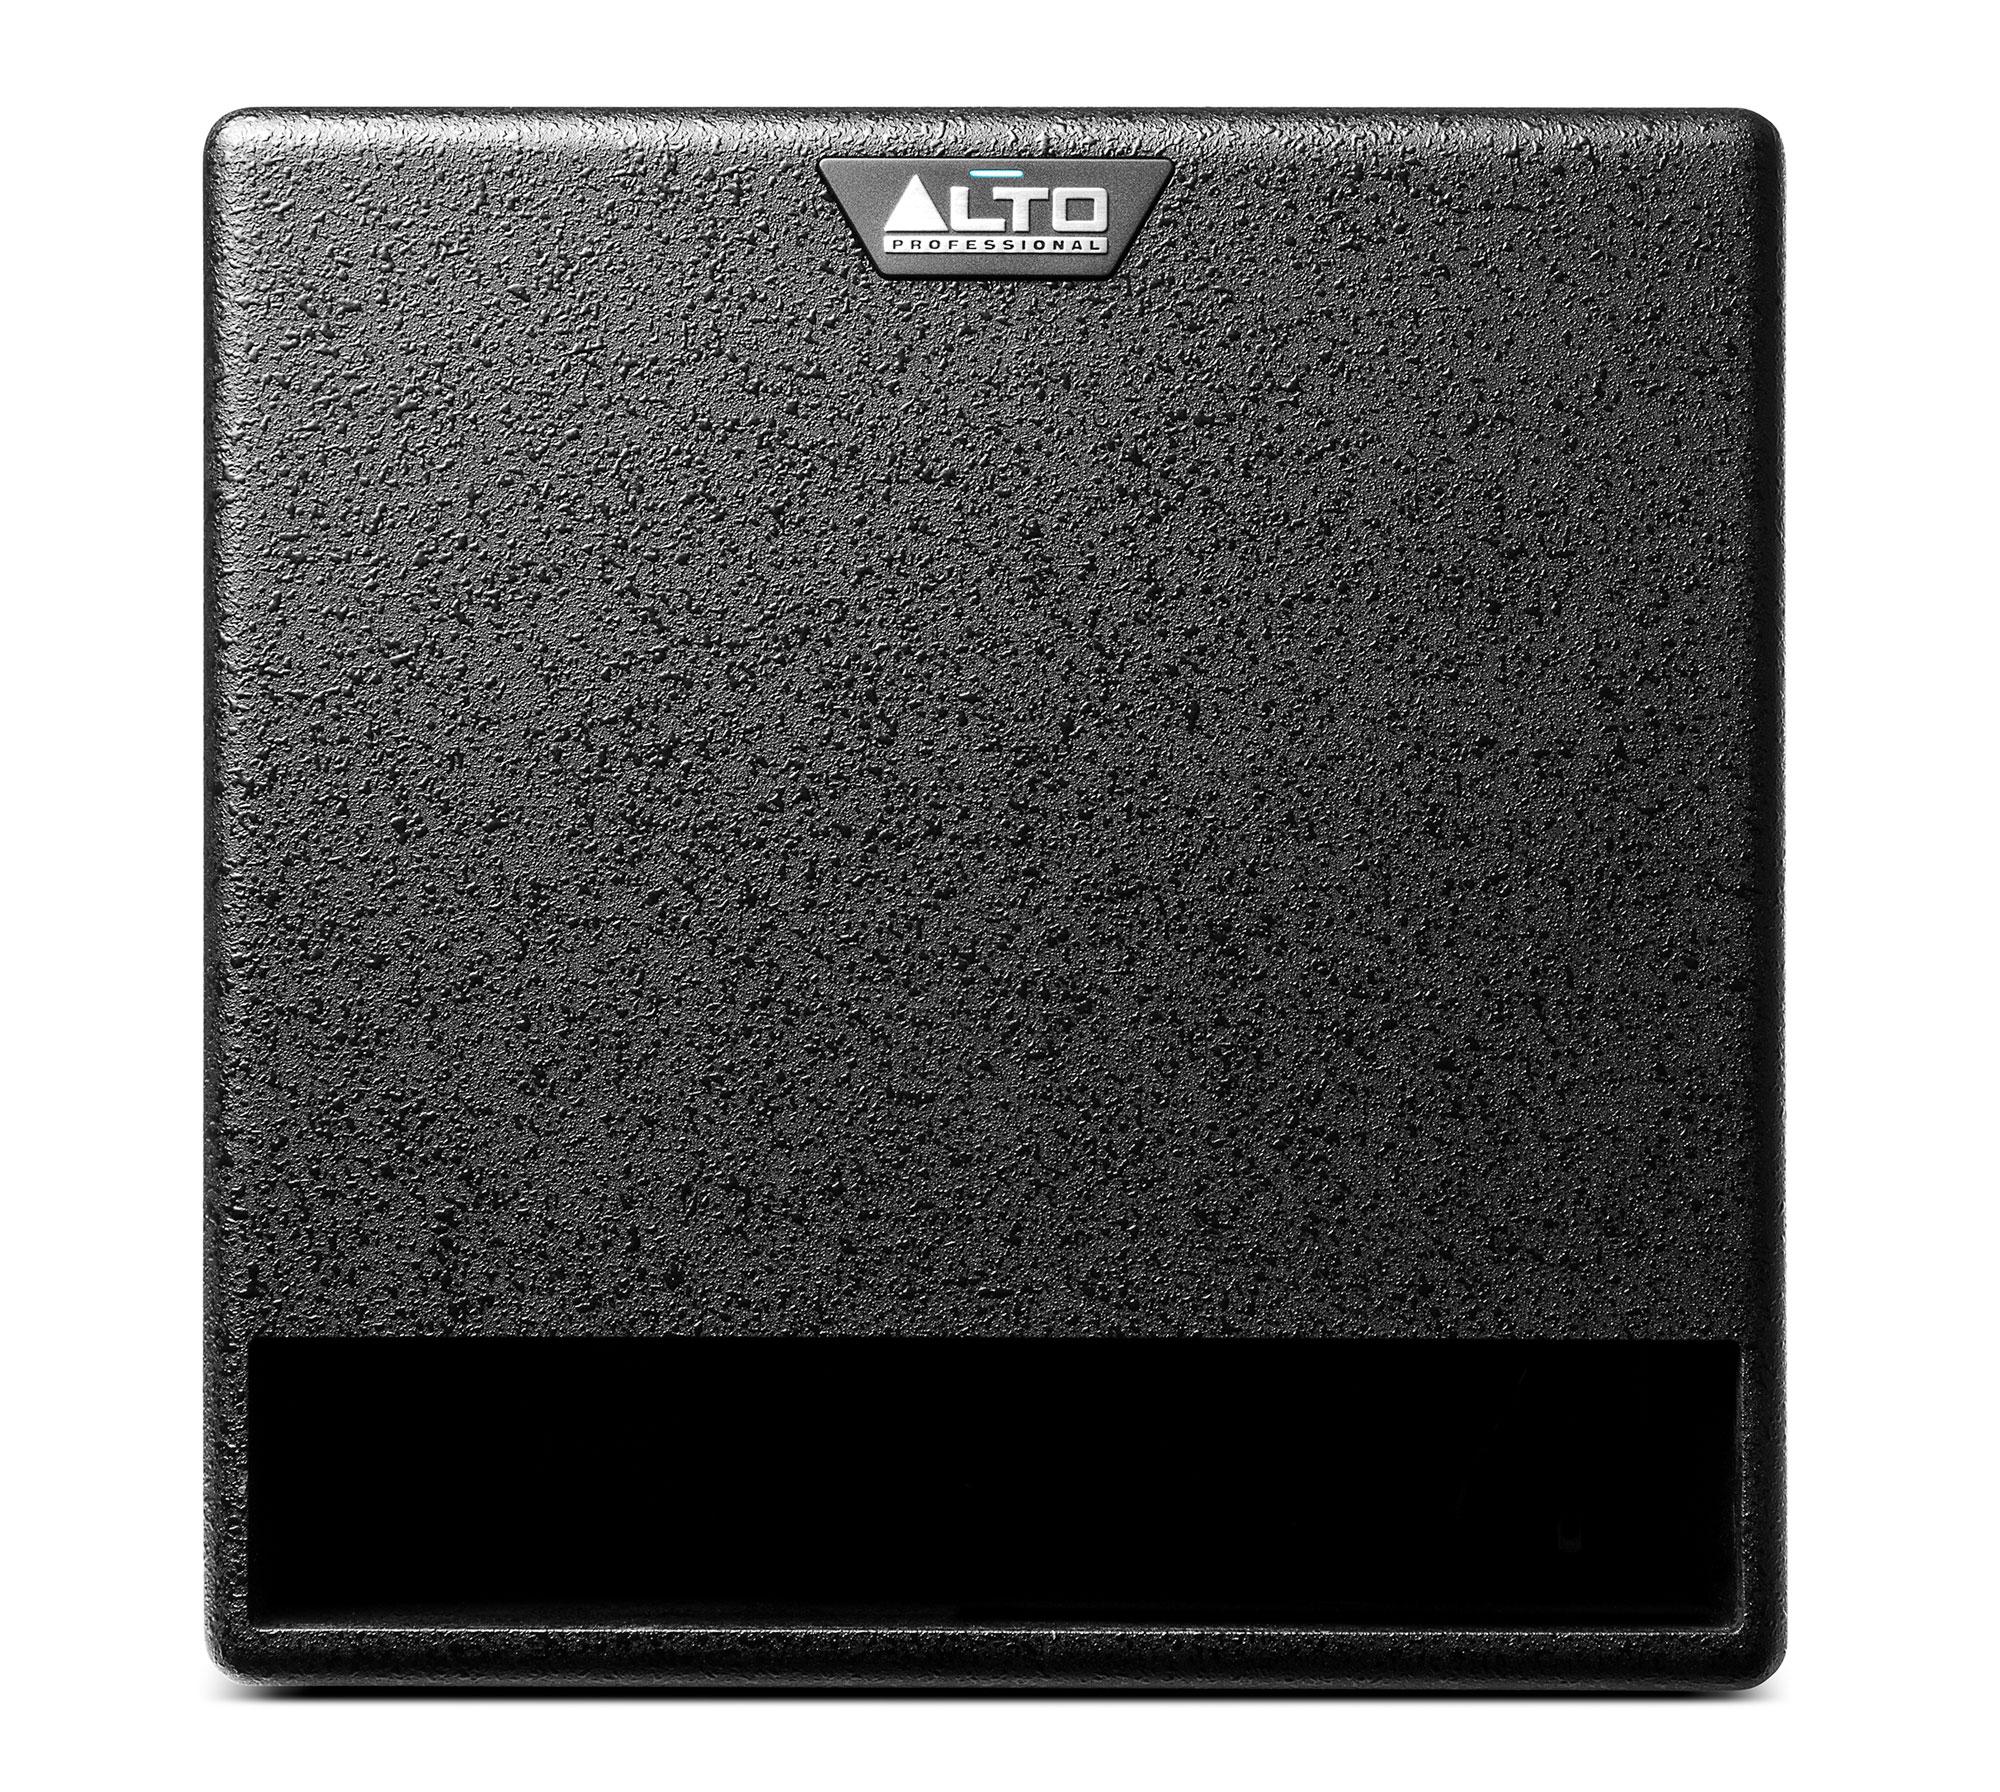 Paendstufen - Alto TX212S Retoure (Zustand sehr gut) - Onlineshop Musikhaus Kirstein